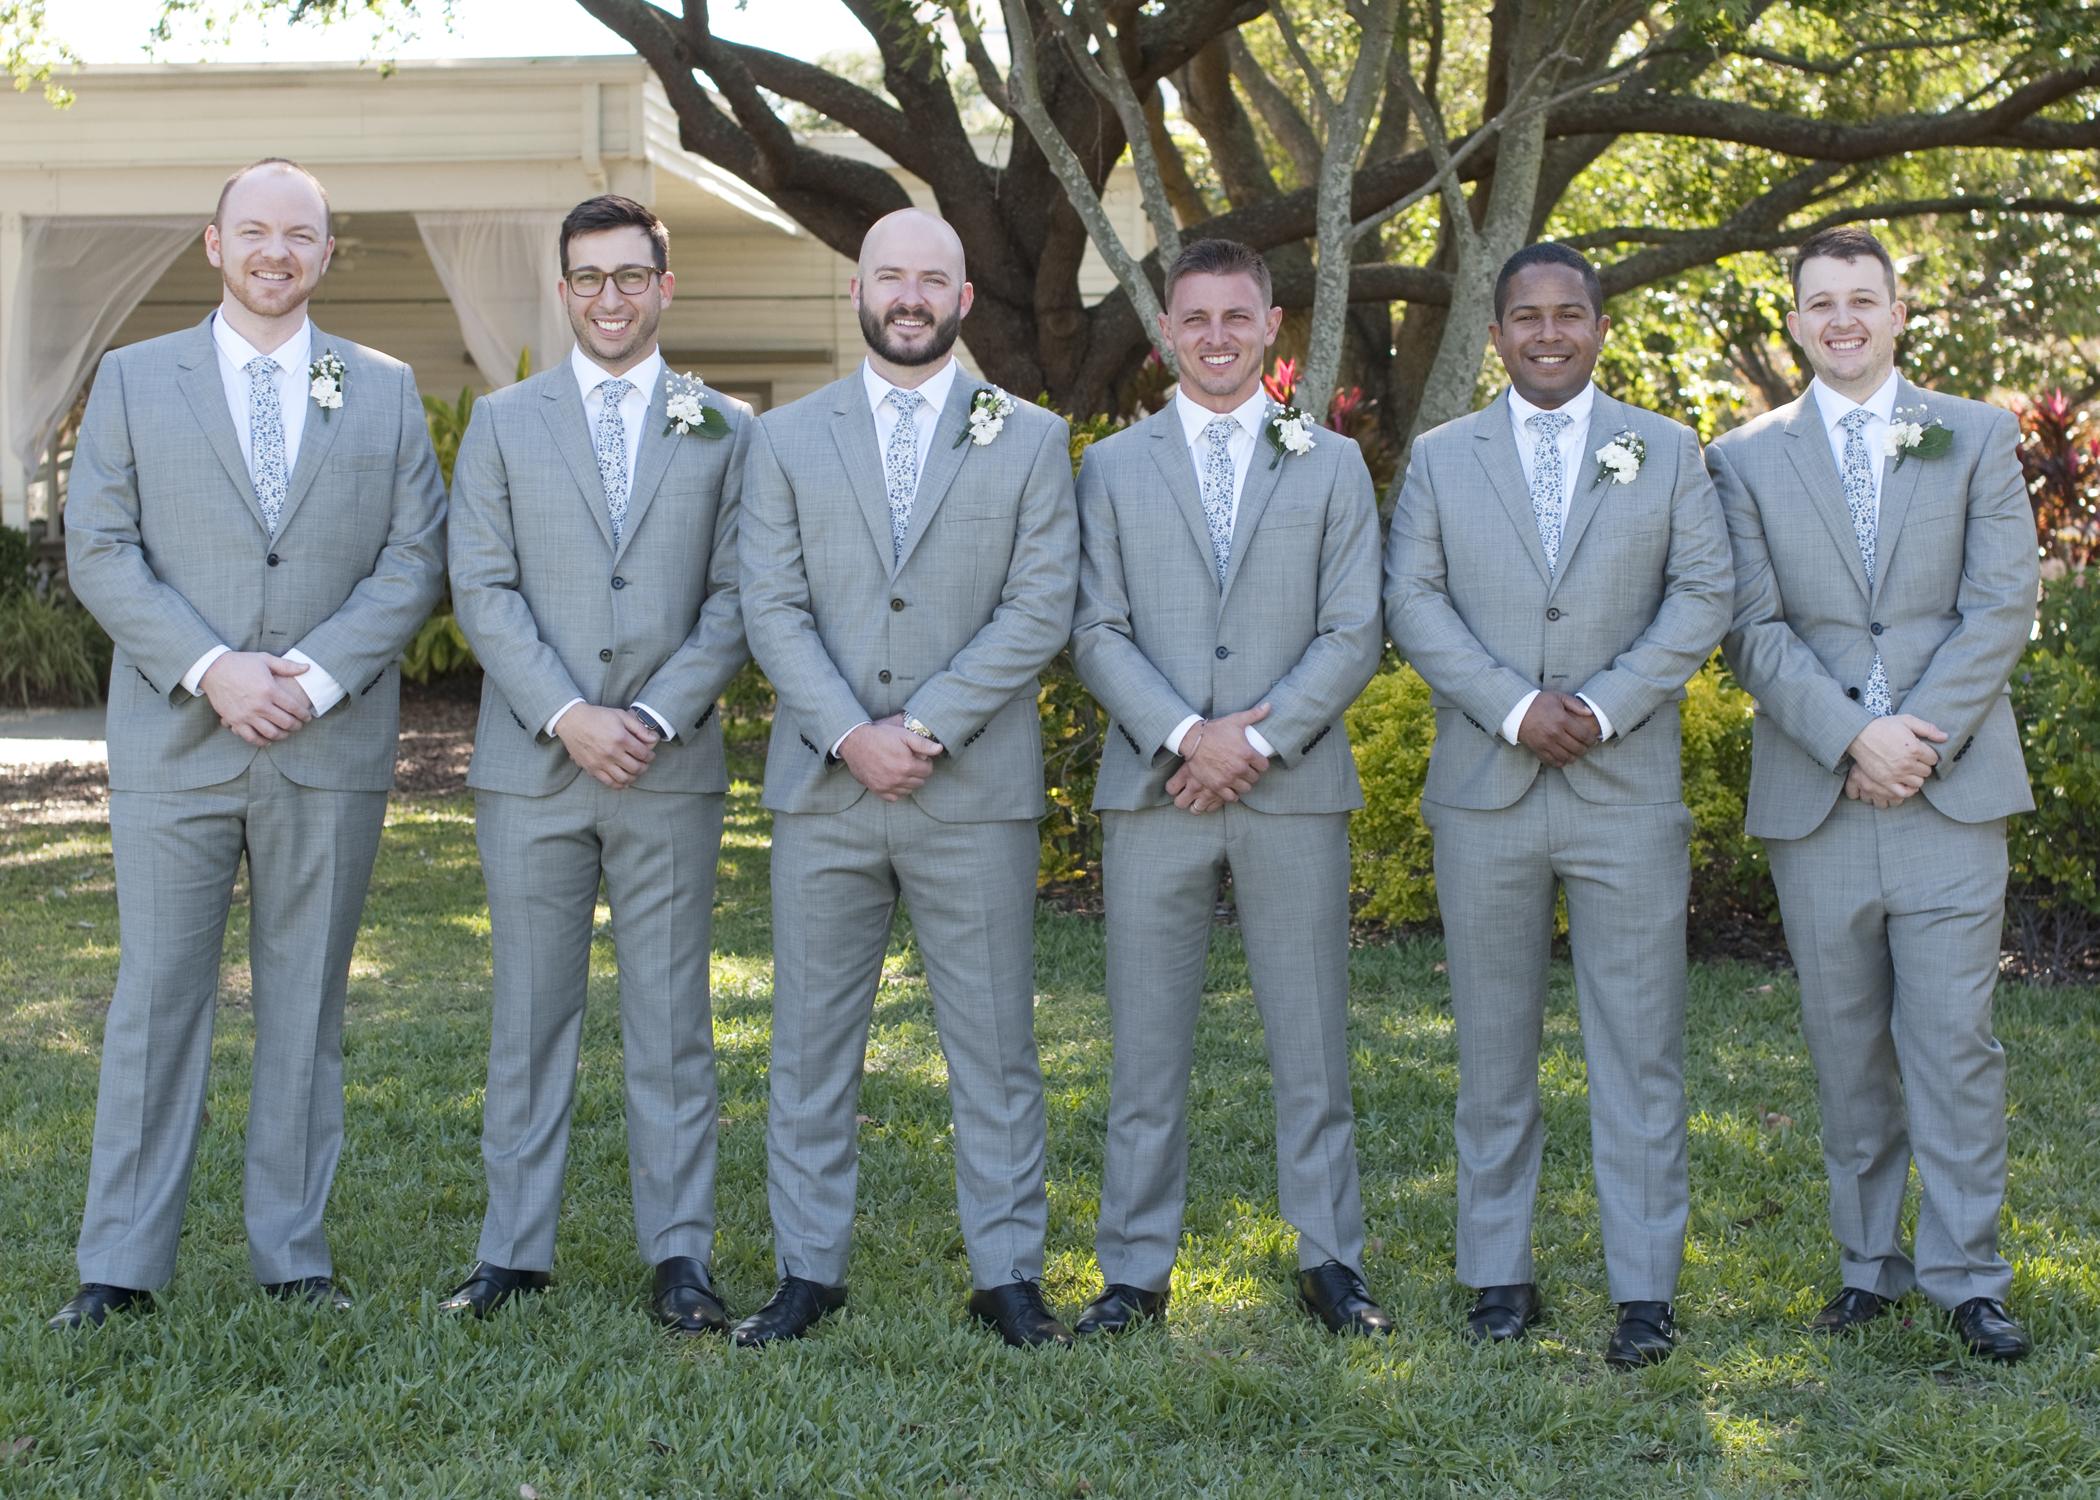 Gentlemen looked dapper in their crisp light grey suits.